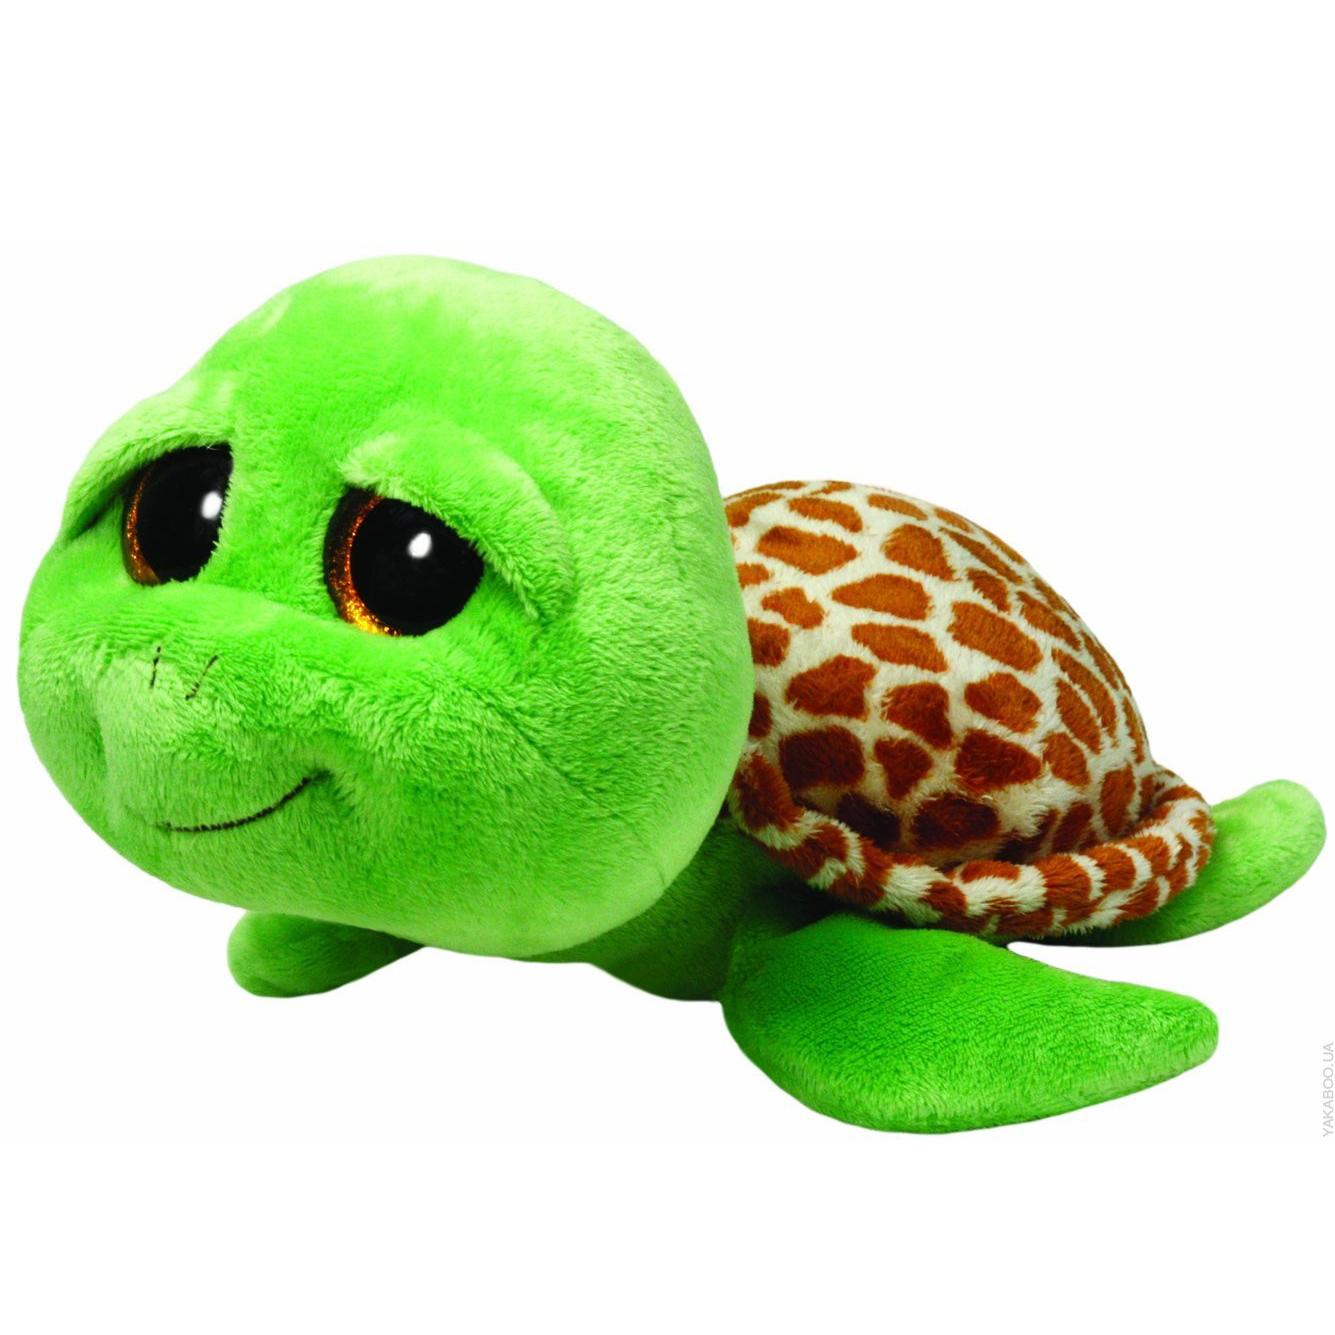 Мягкая игрушка Beanie Boos - Черепашка Shellby, зеленая, 40 смЖивотные<br>Мягкая игрушка Beanie Boos - Черепашка Shellby, зеленая, 40 см<br>